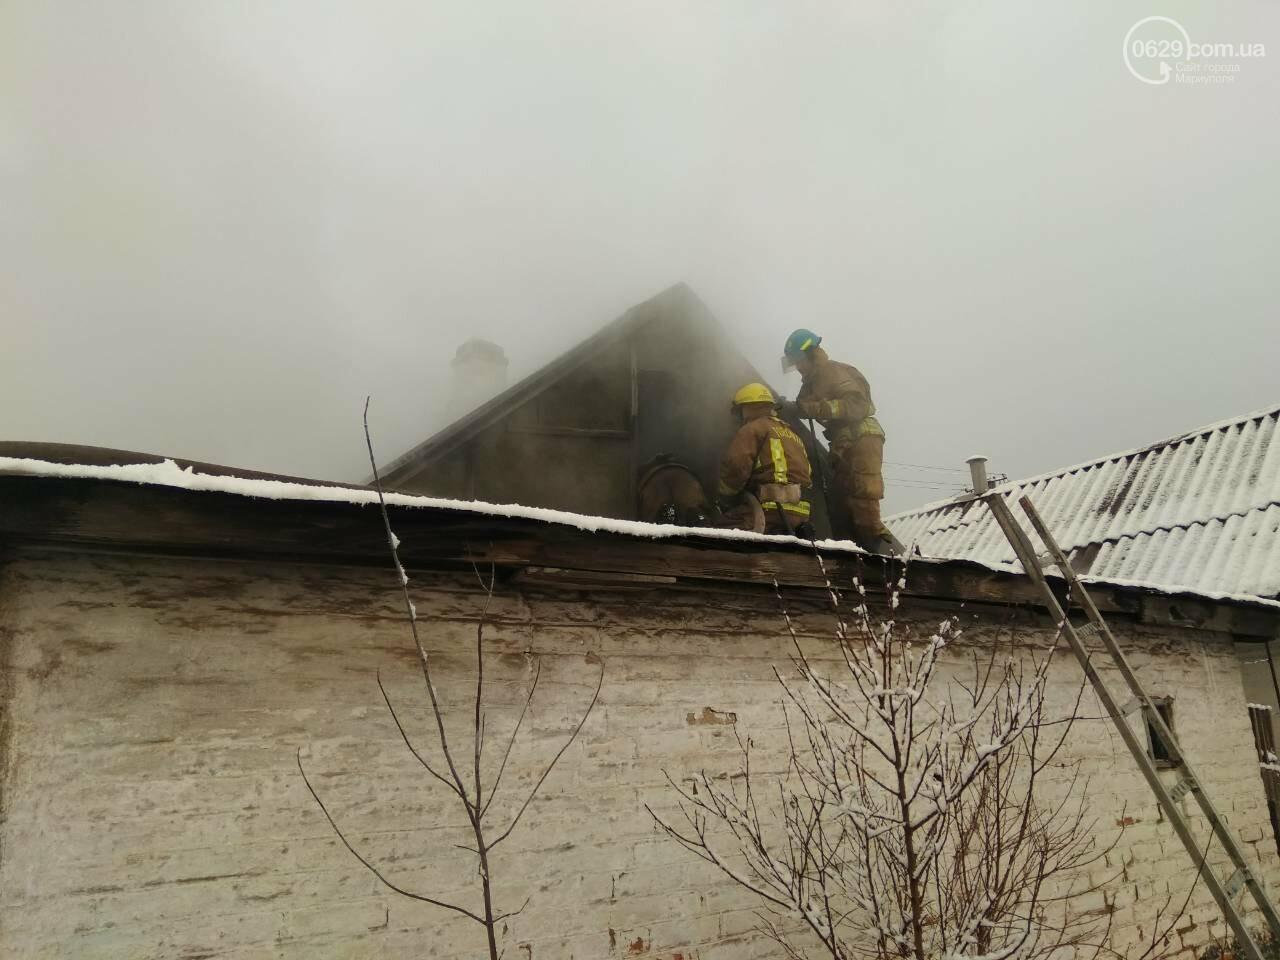 В Кальмиусском районе на месте пожара обнаружили труп (ФОТО), фото-1